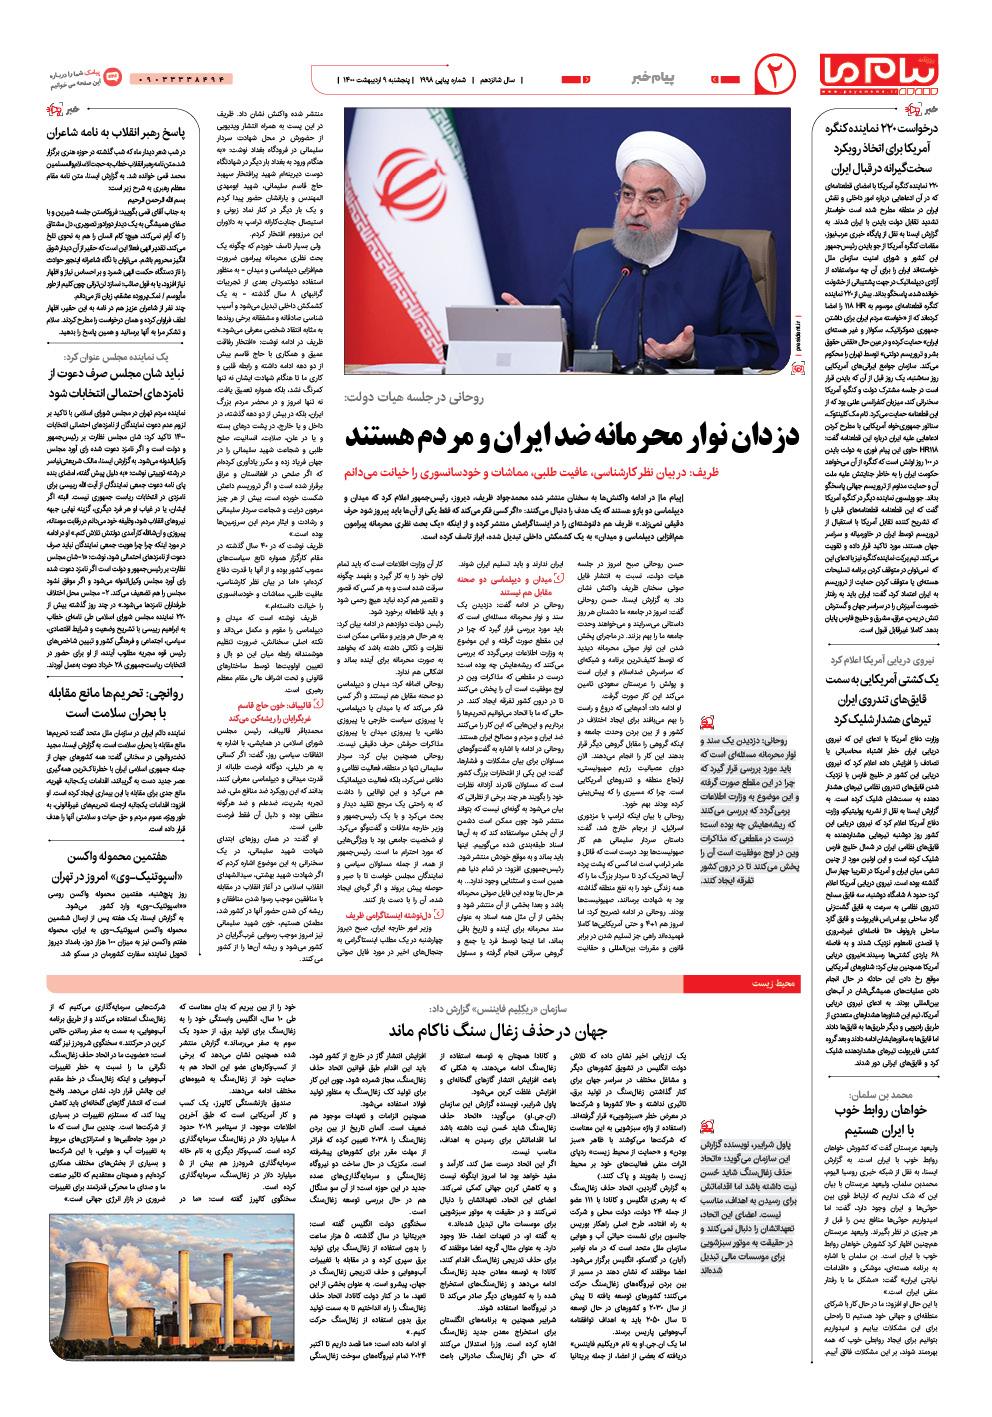 صفحه پیام خبر شماره ۱۹۹۸ روزنامه پیام ما